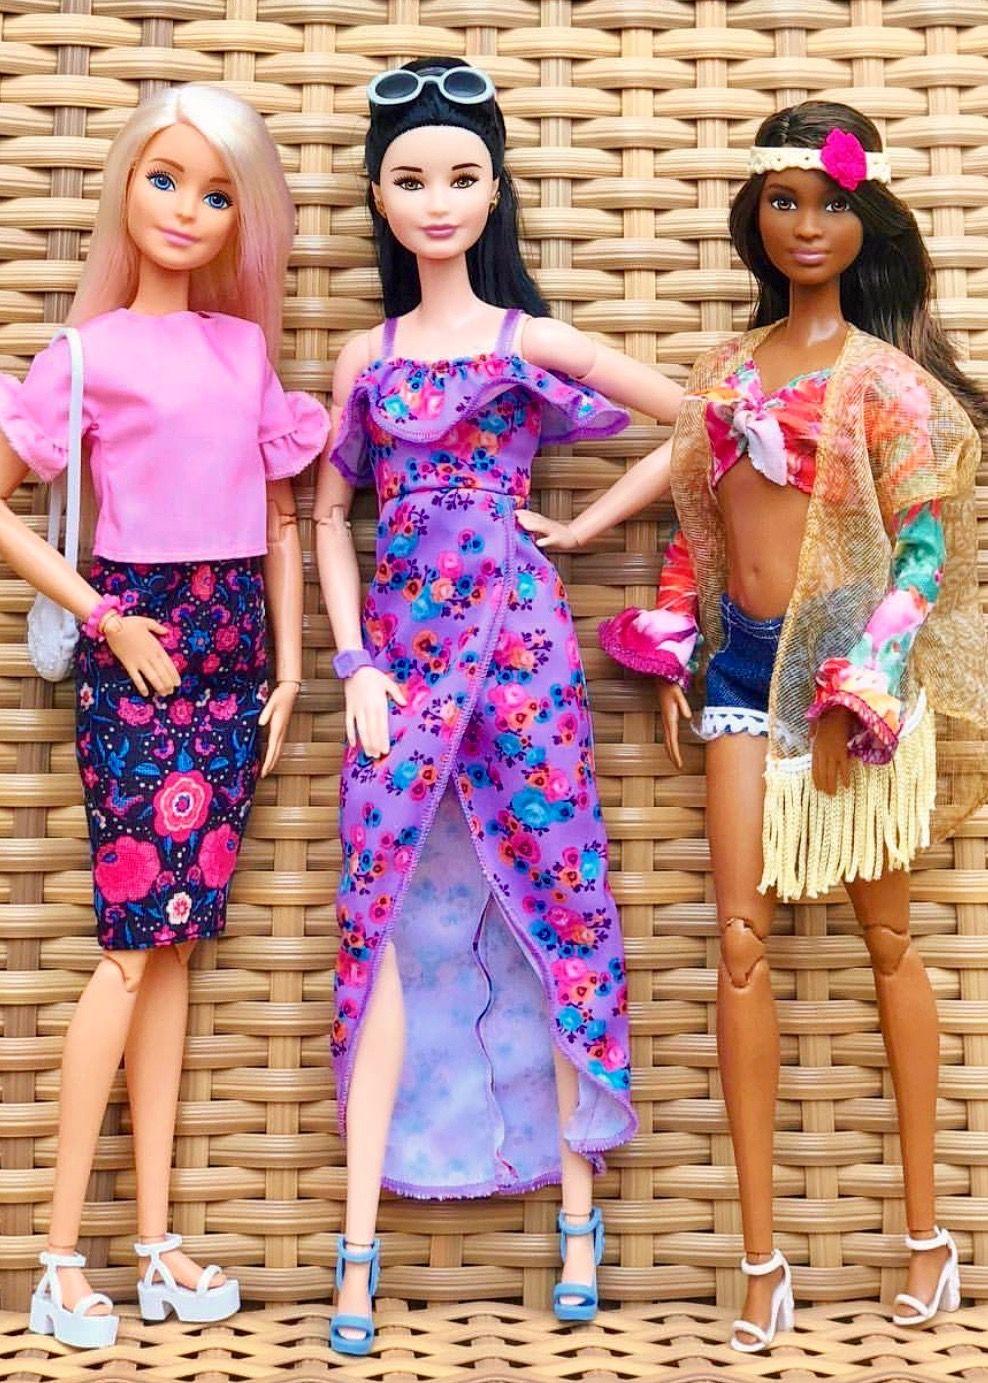 ec3992867ca3 rayabrasax 13010   Barbie Fashion en 2019   Muñecas barbie, Barbie y ...